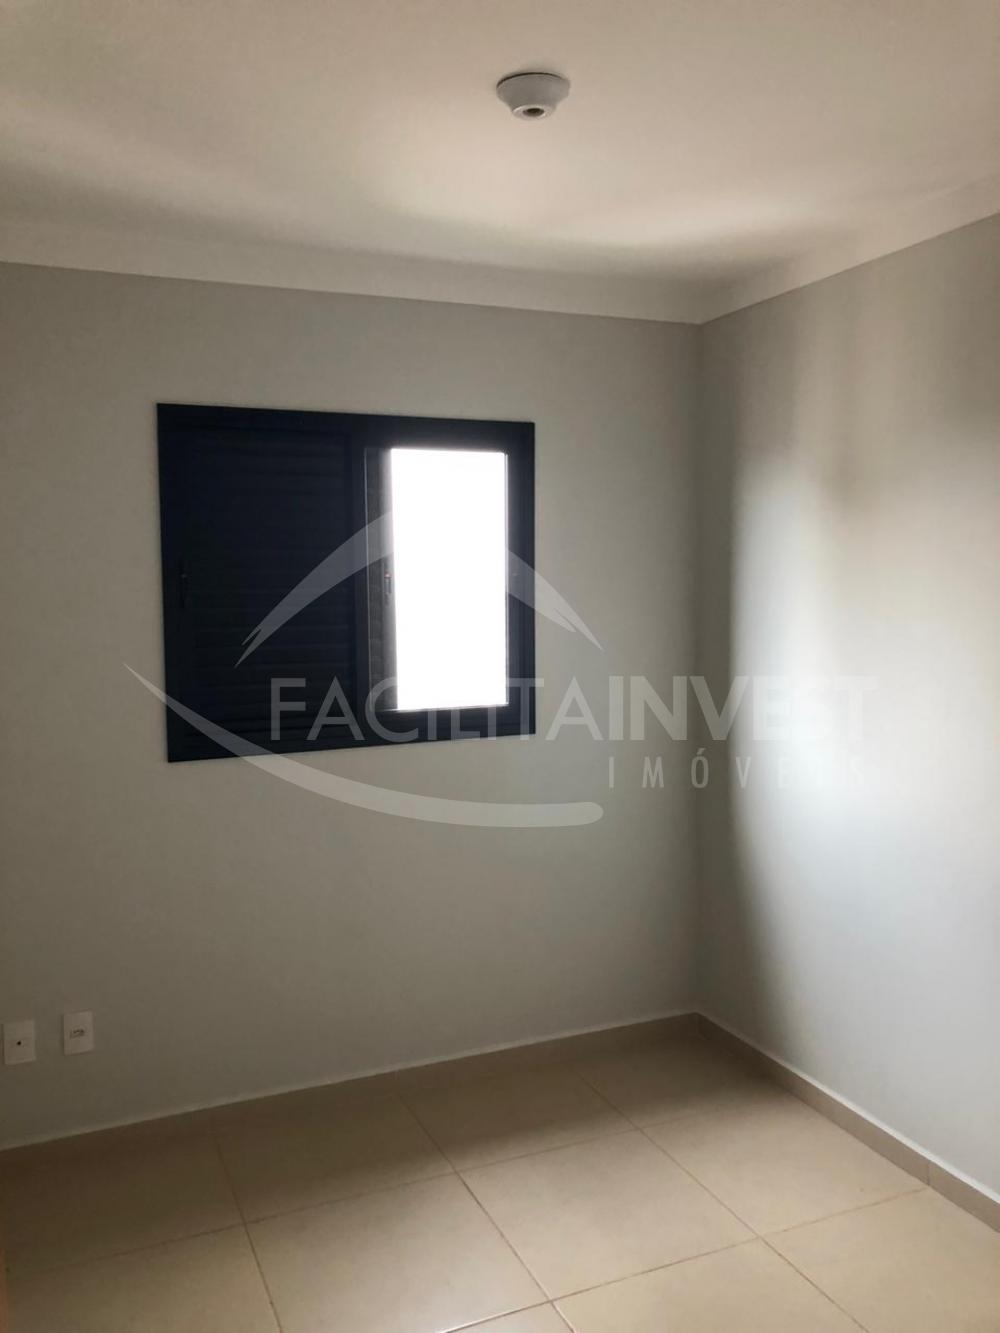 Alugar Apartamentos / Apart. Padrão em Ribeirão Preto apenas R$ 1.750,00 - Foto 11